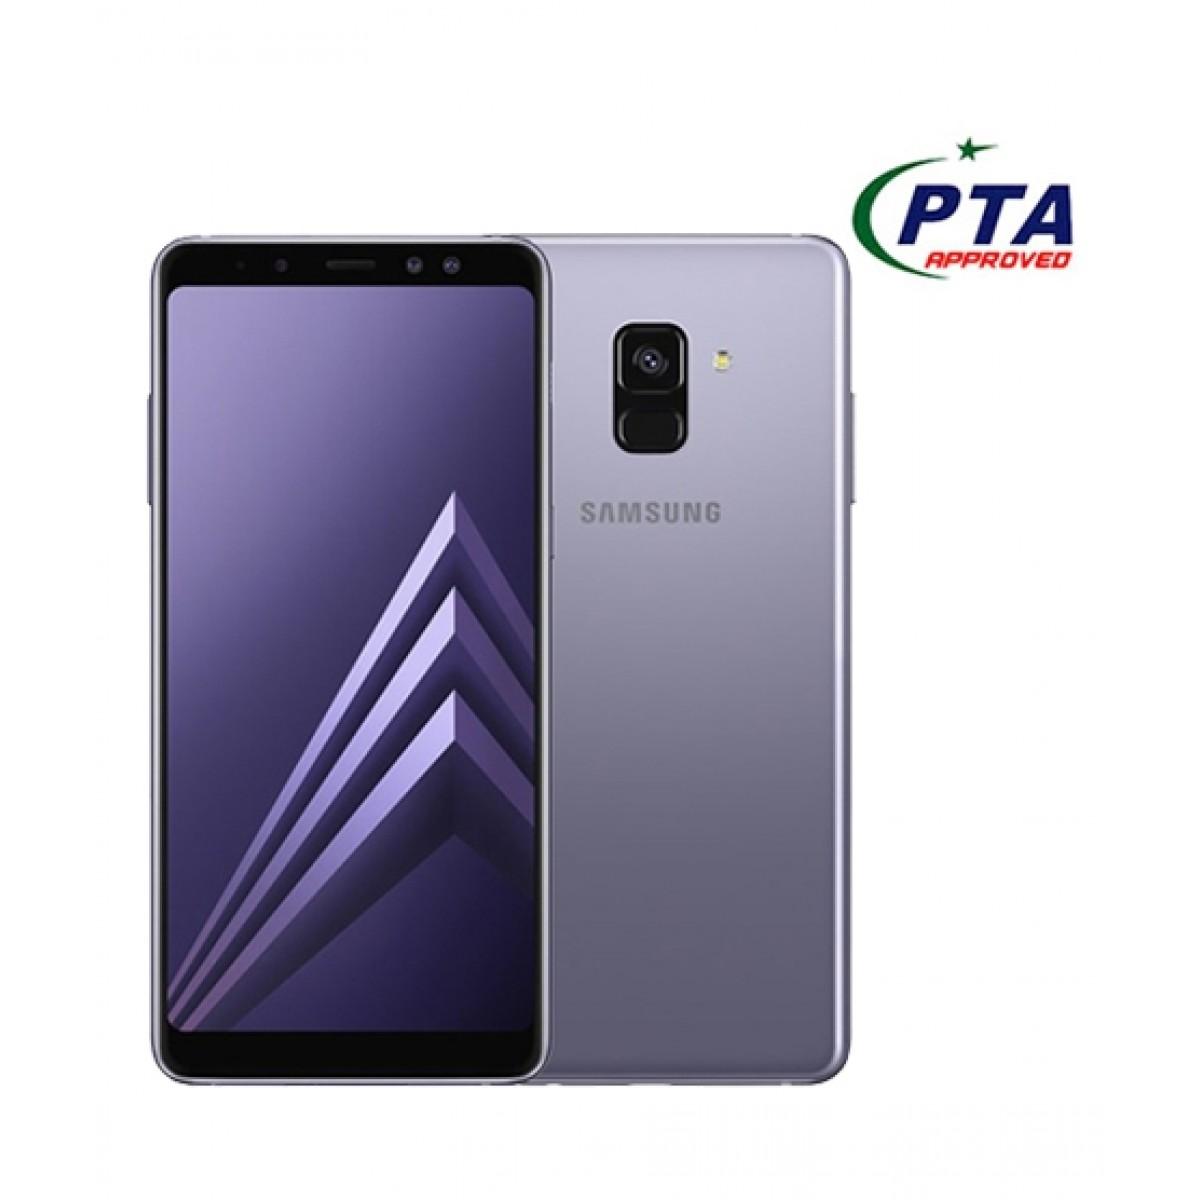 Samsung Galaxy A8+ 2018 64GB Dual Sim Orchid Gray - Official Warranty